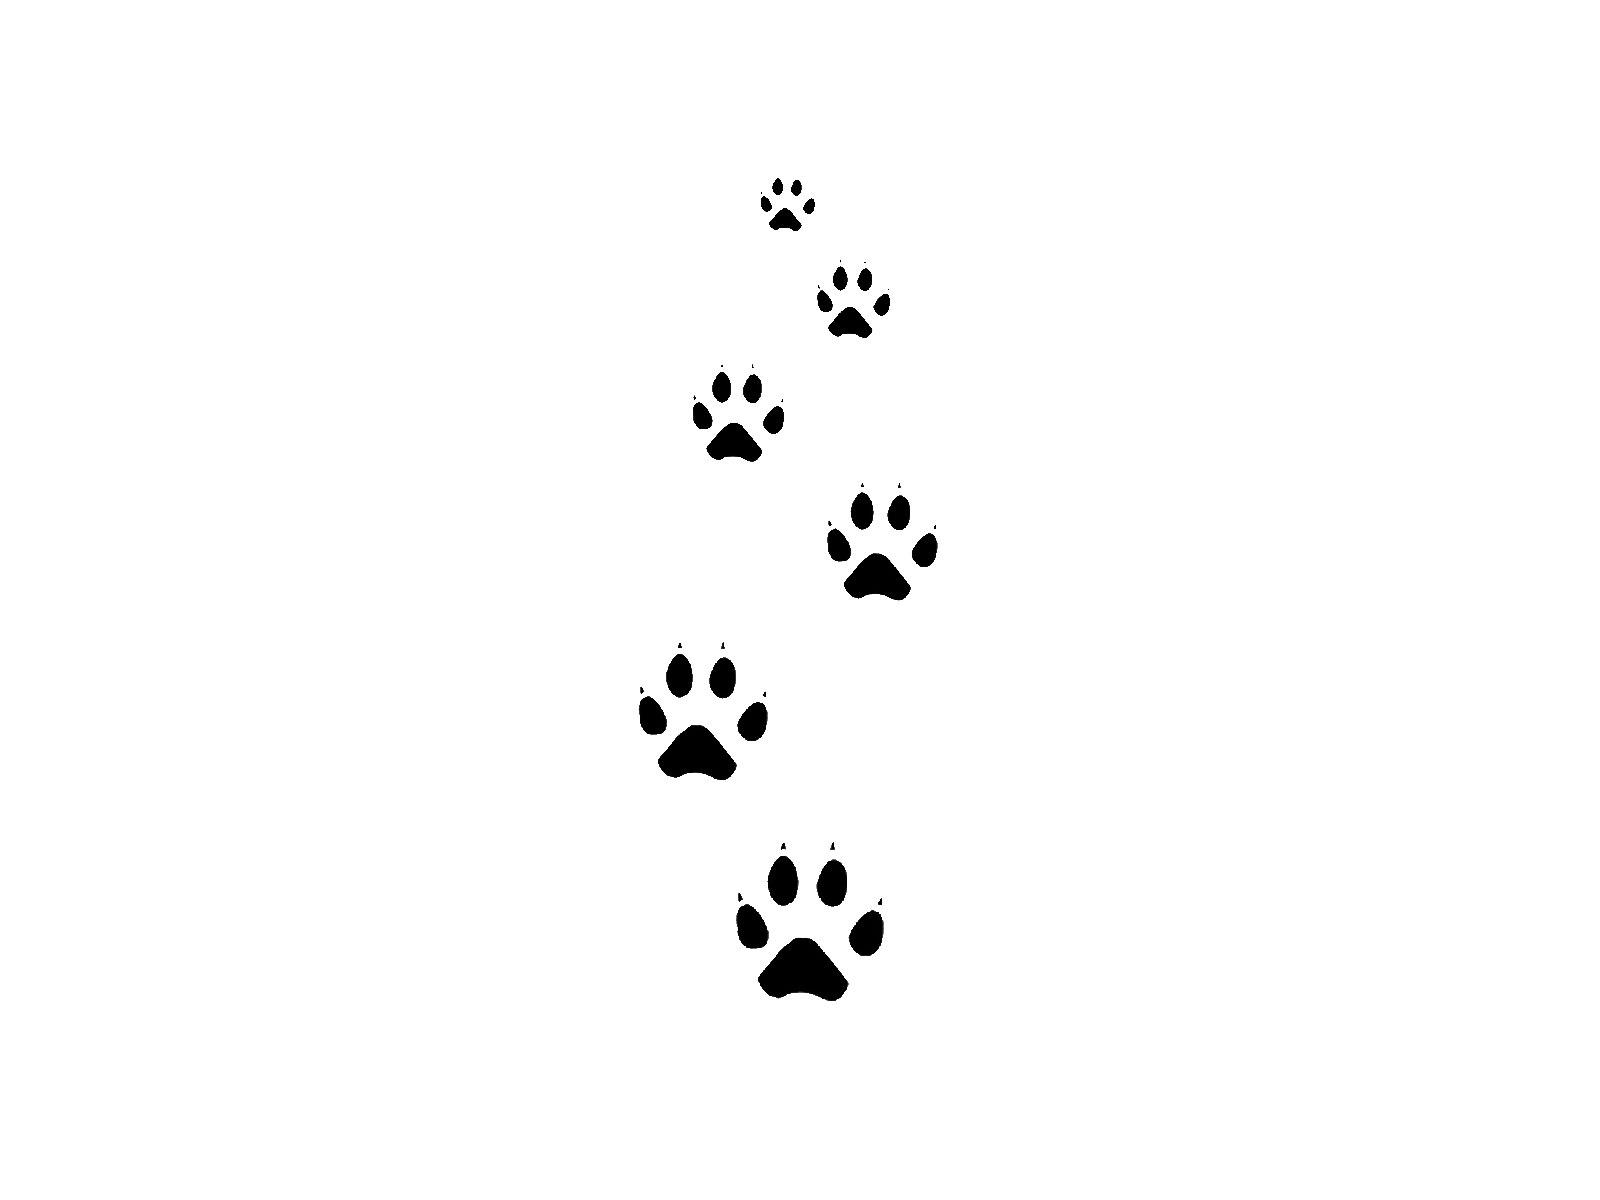 cat images designs